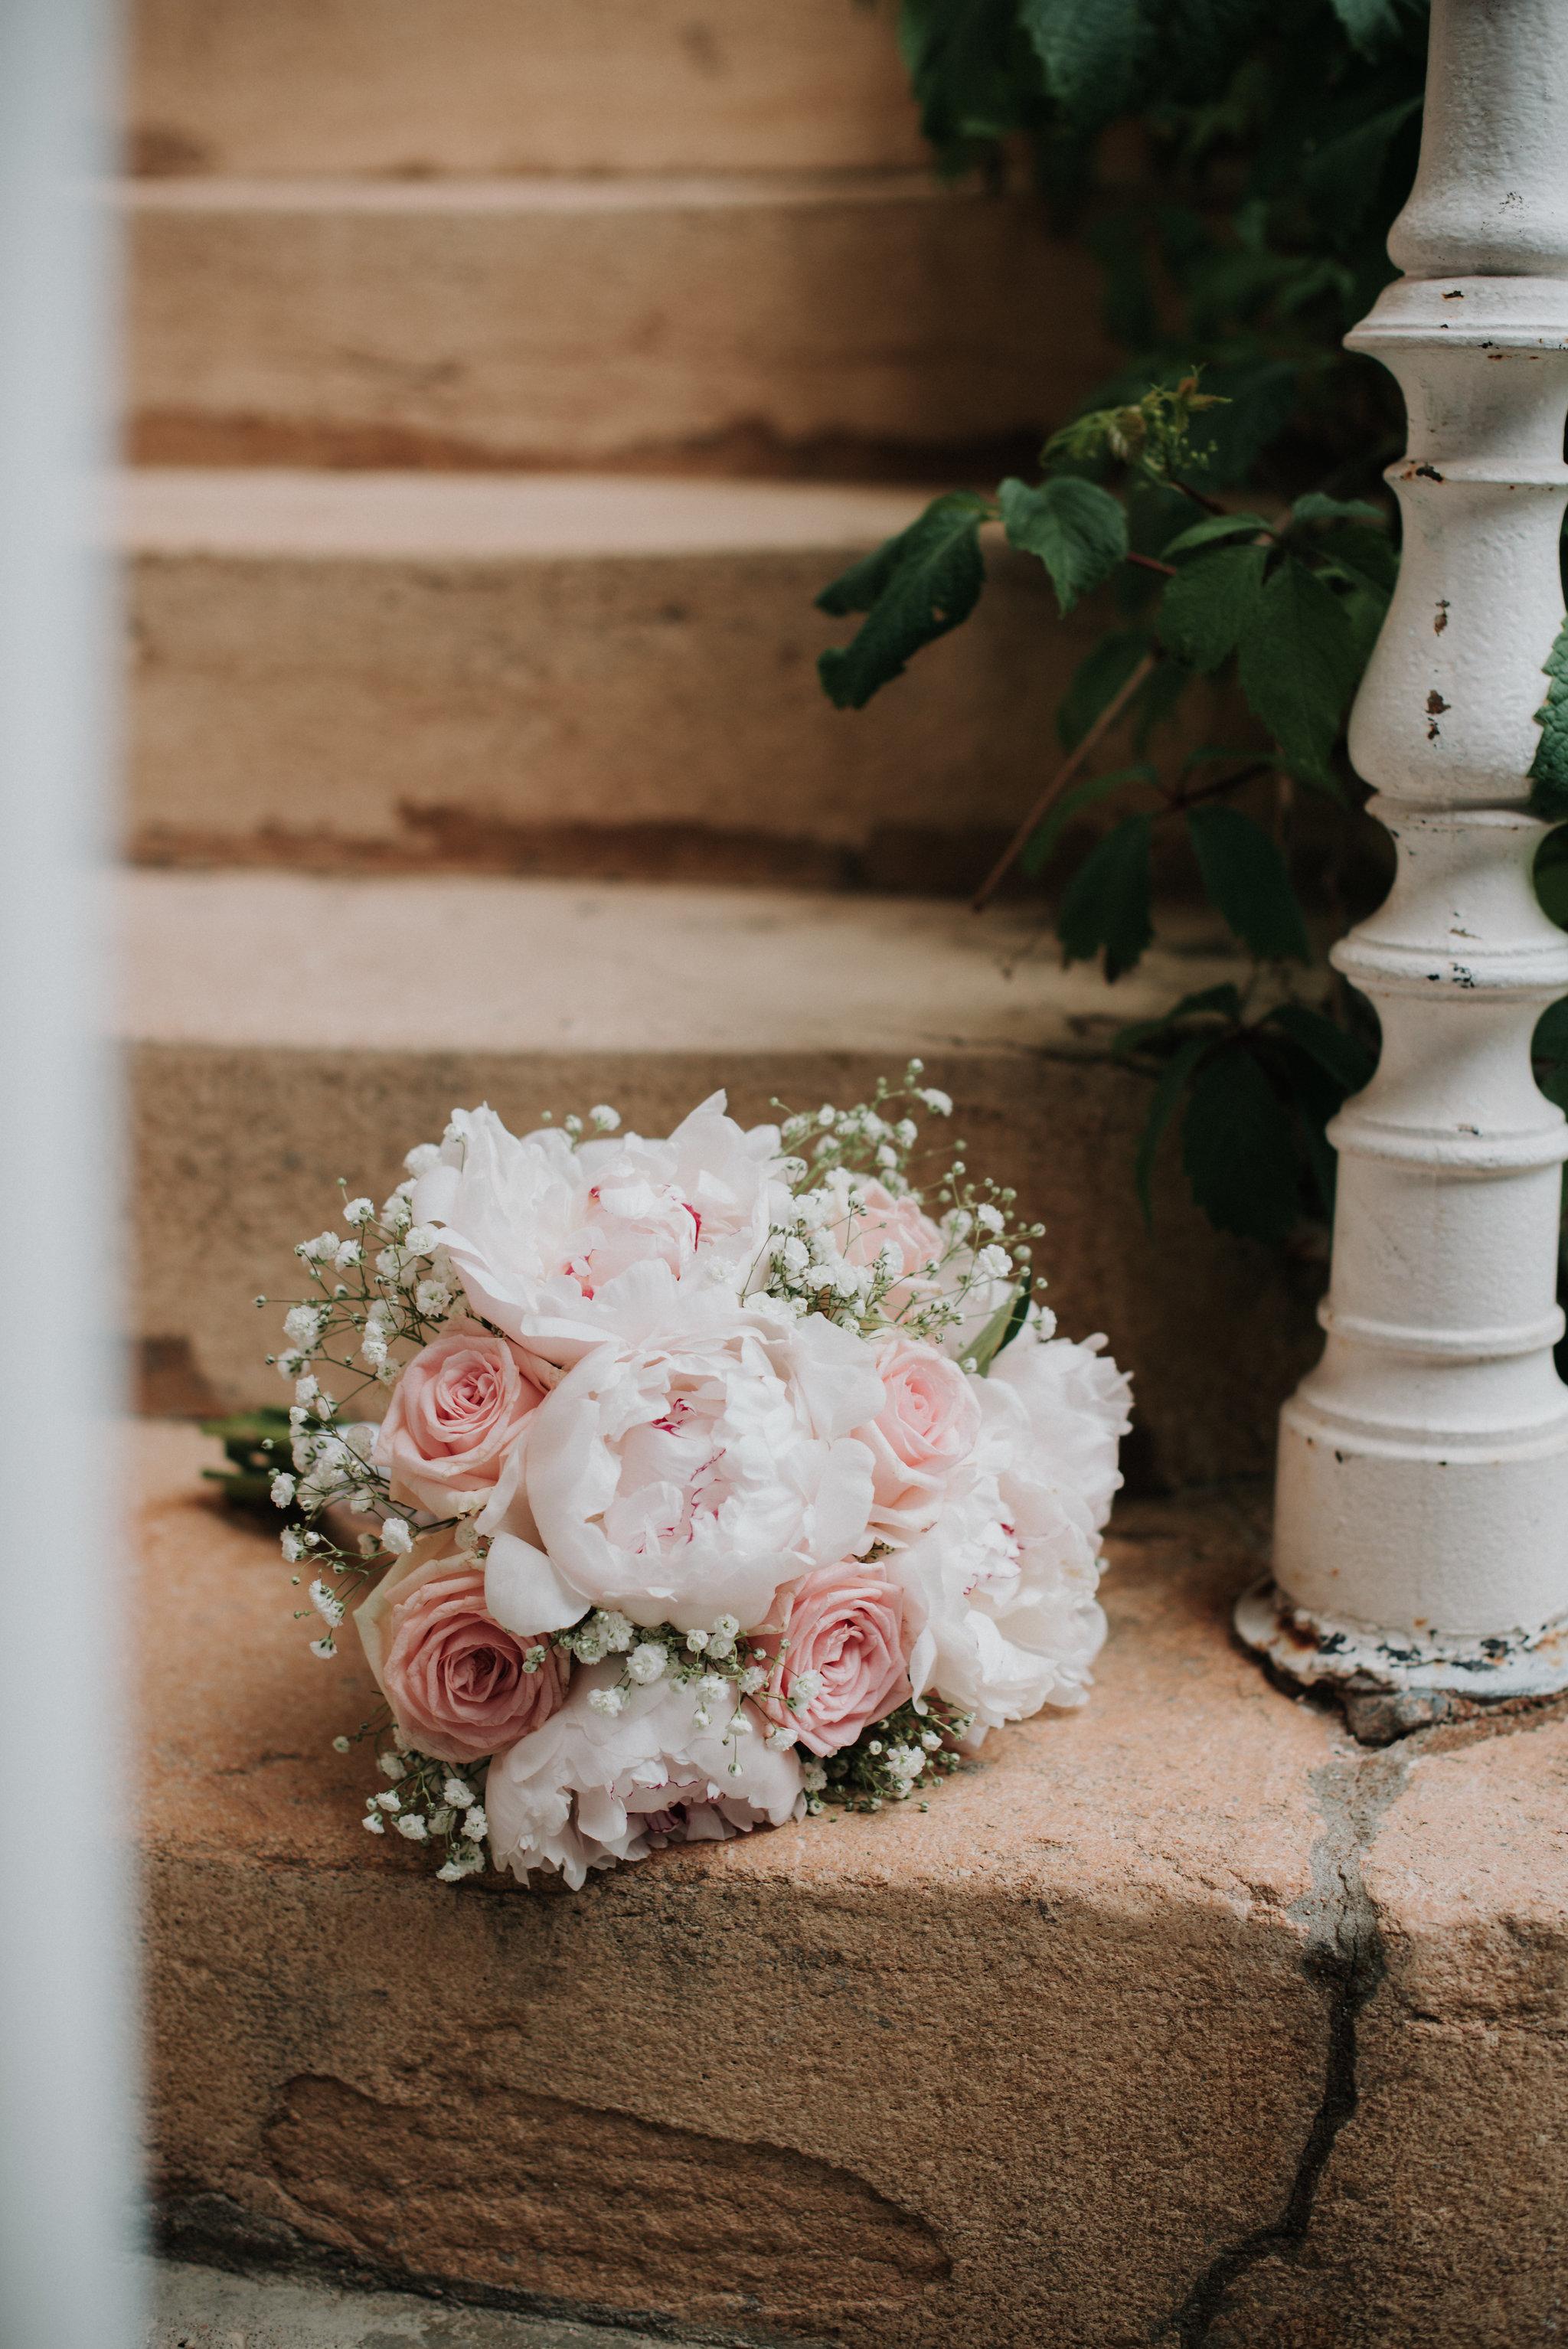 Léa-Fery-photographe-professionnel-lyon-rhone-alpes-portrait-creation-mariage-evenement-evenementiel-famille-2306.jpg